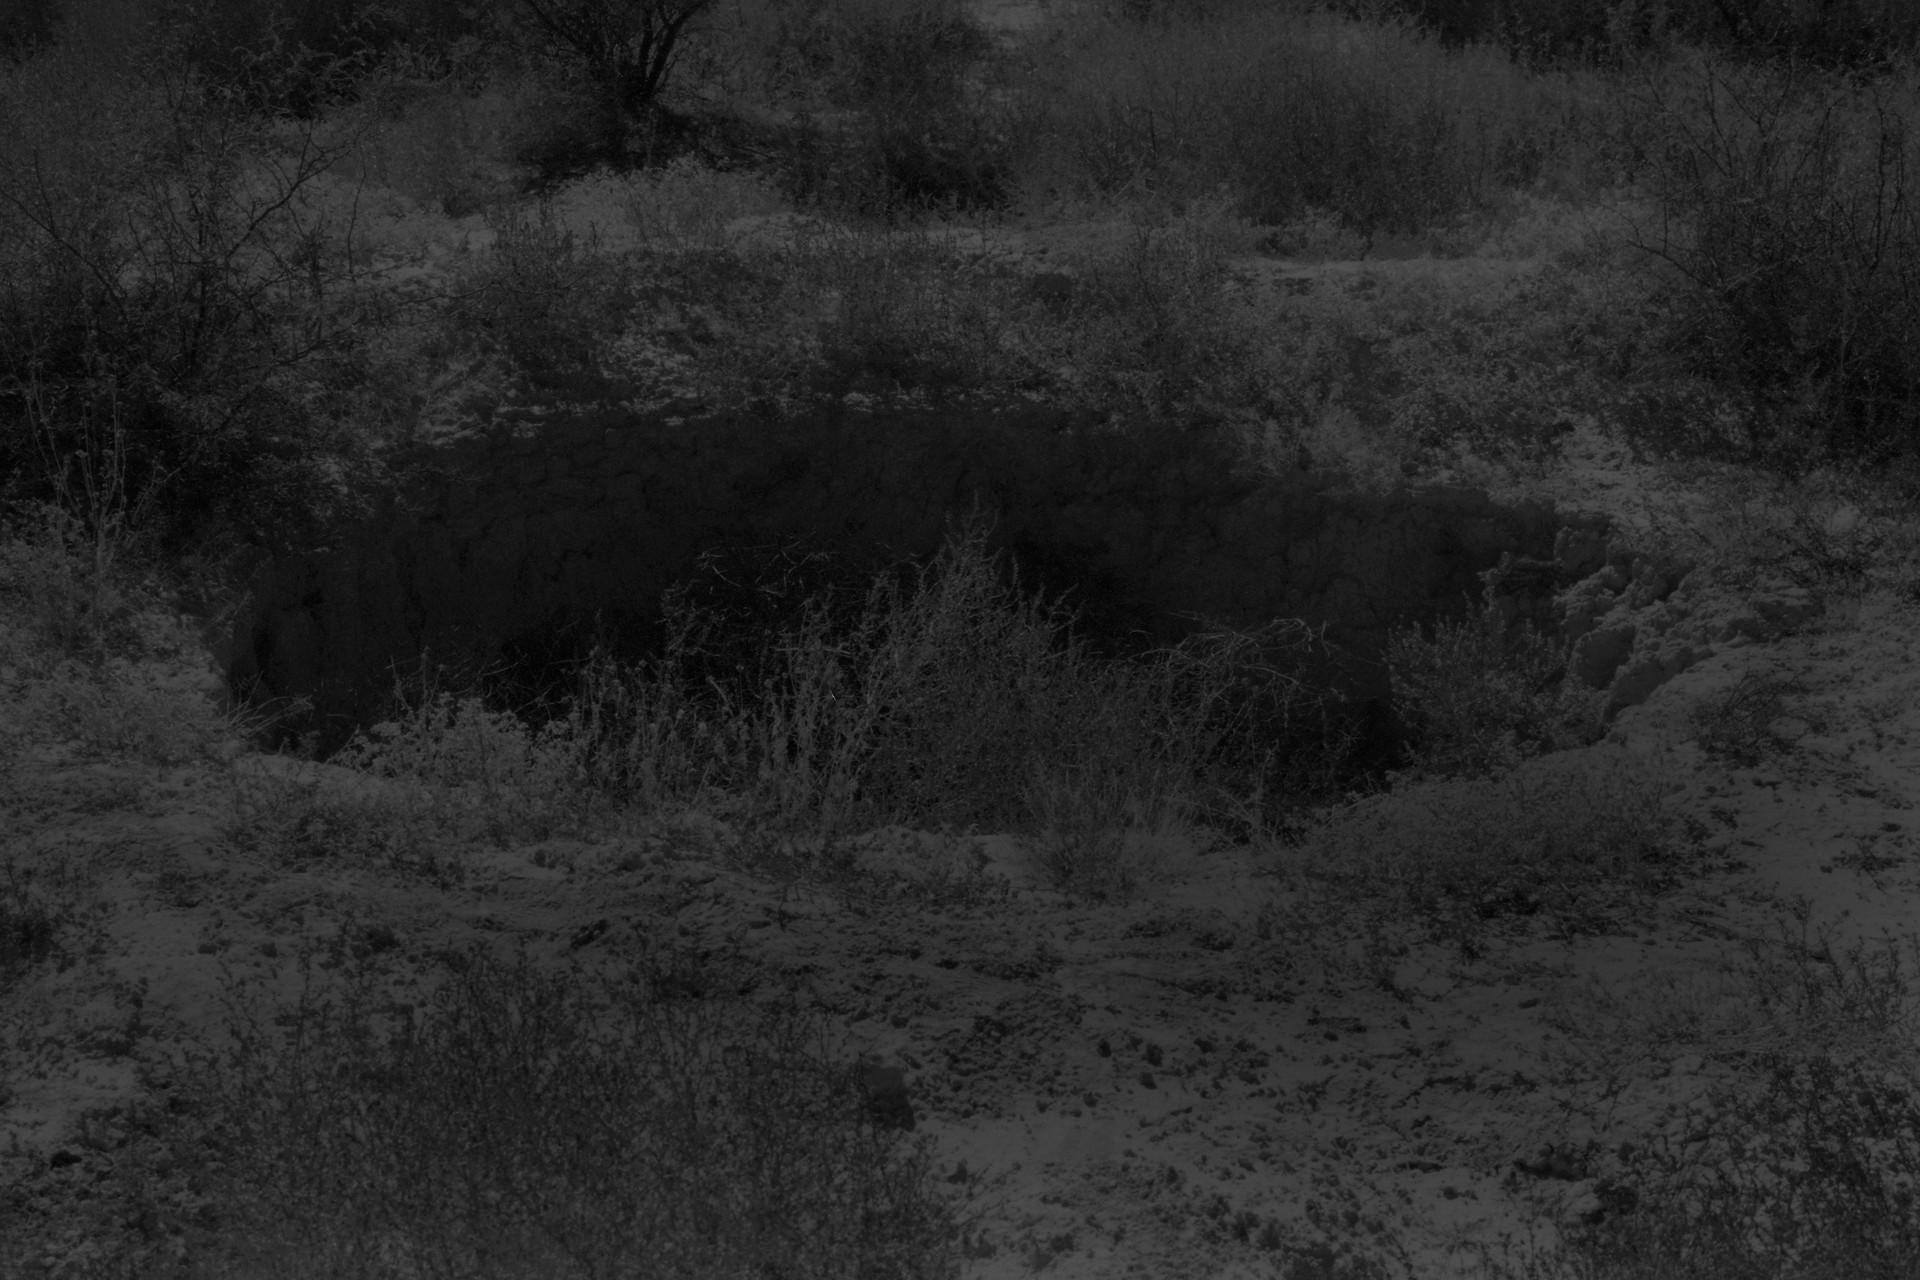 Fotó: Koleszár Adél: Tömegsír helyszíne Torreonban, részlet Az erőszak sebei című sorozatból